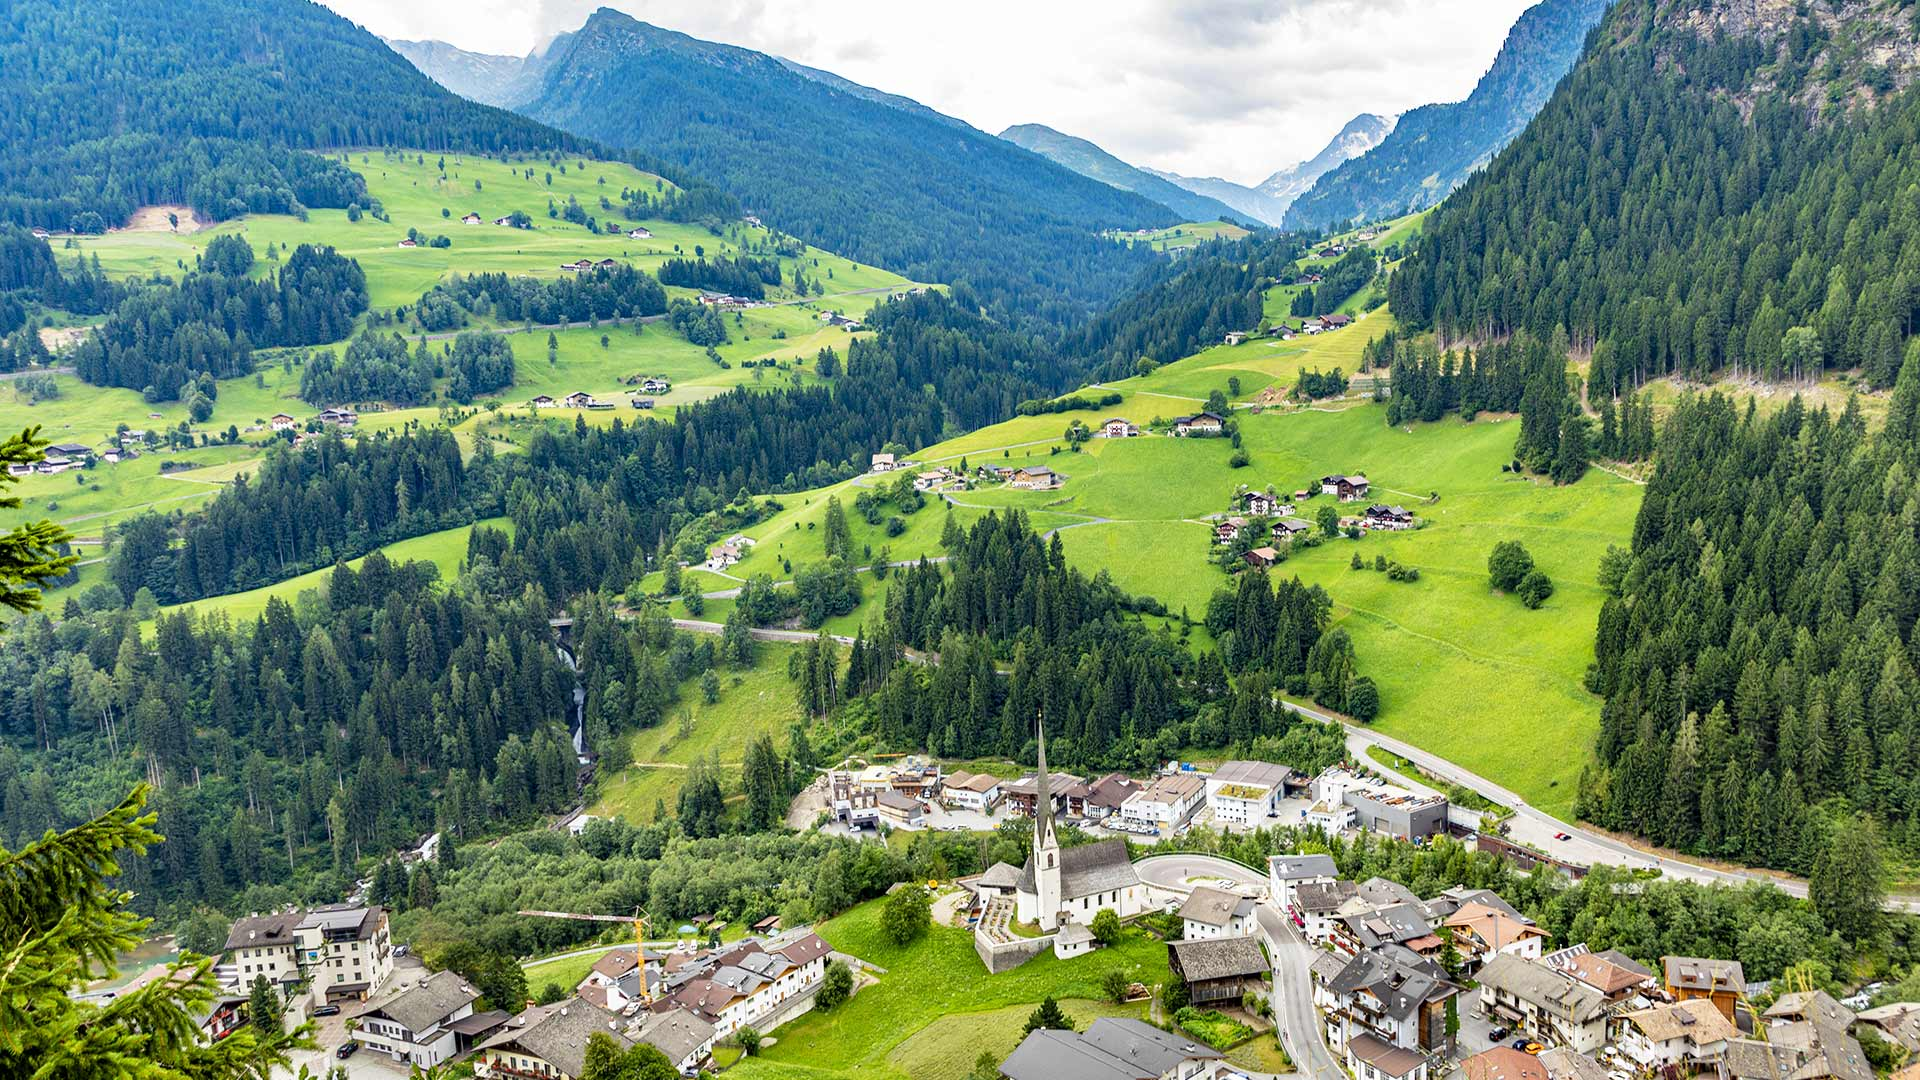 Località di vacanza - Moso in Passiria